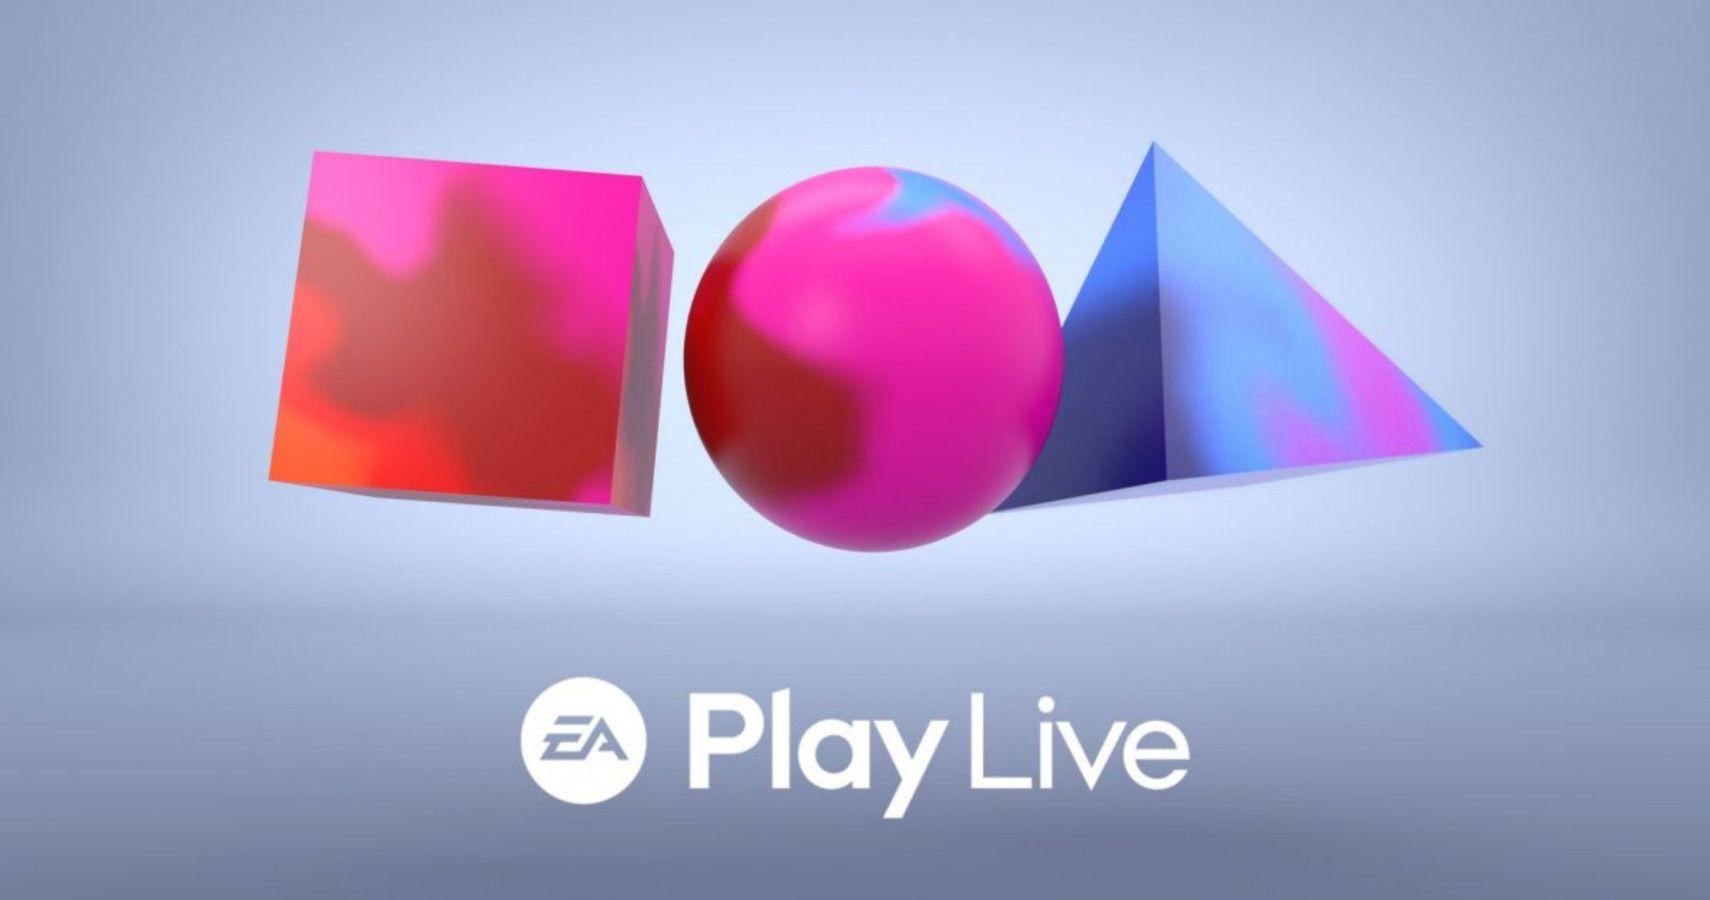 Míralo aquí: EA Play Live 2021 Livestream